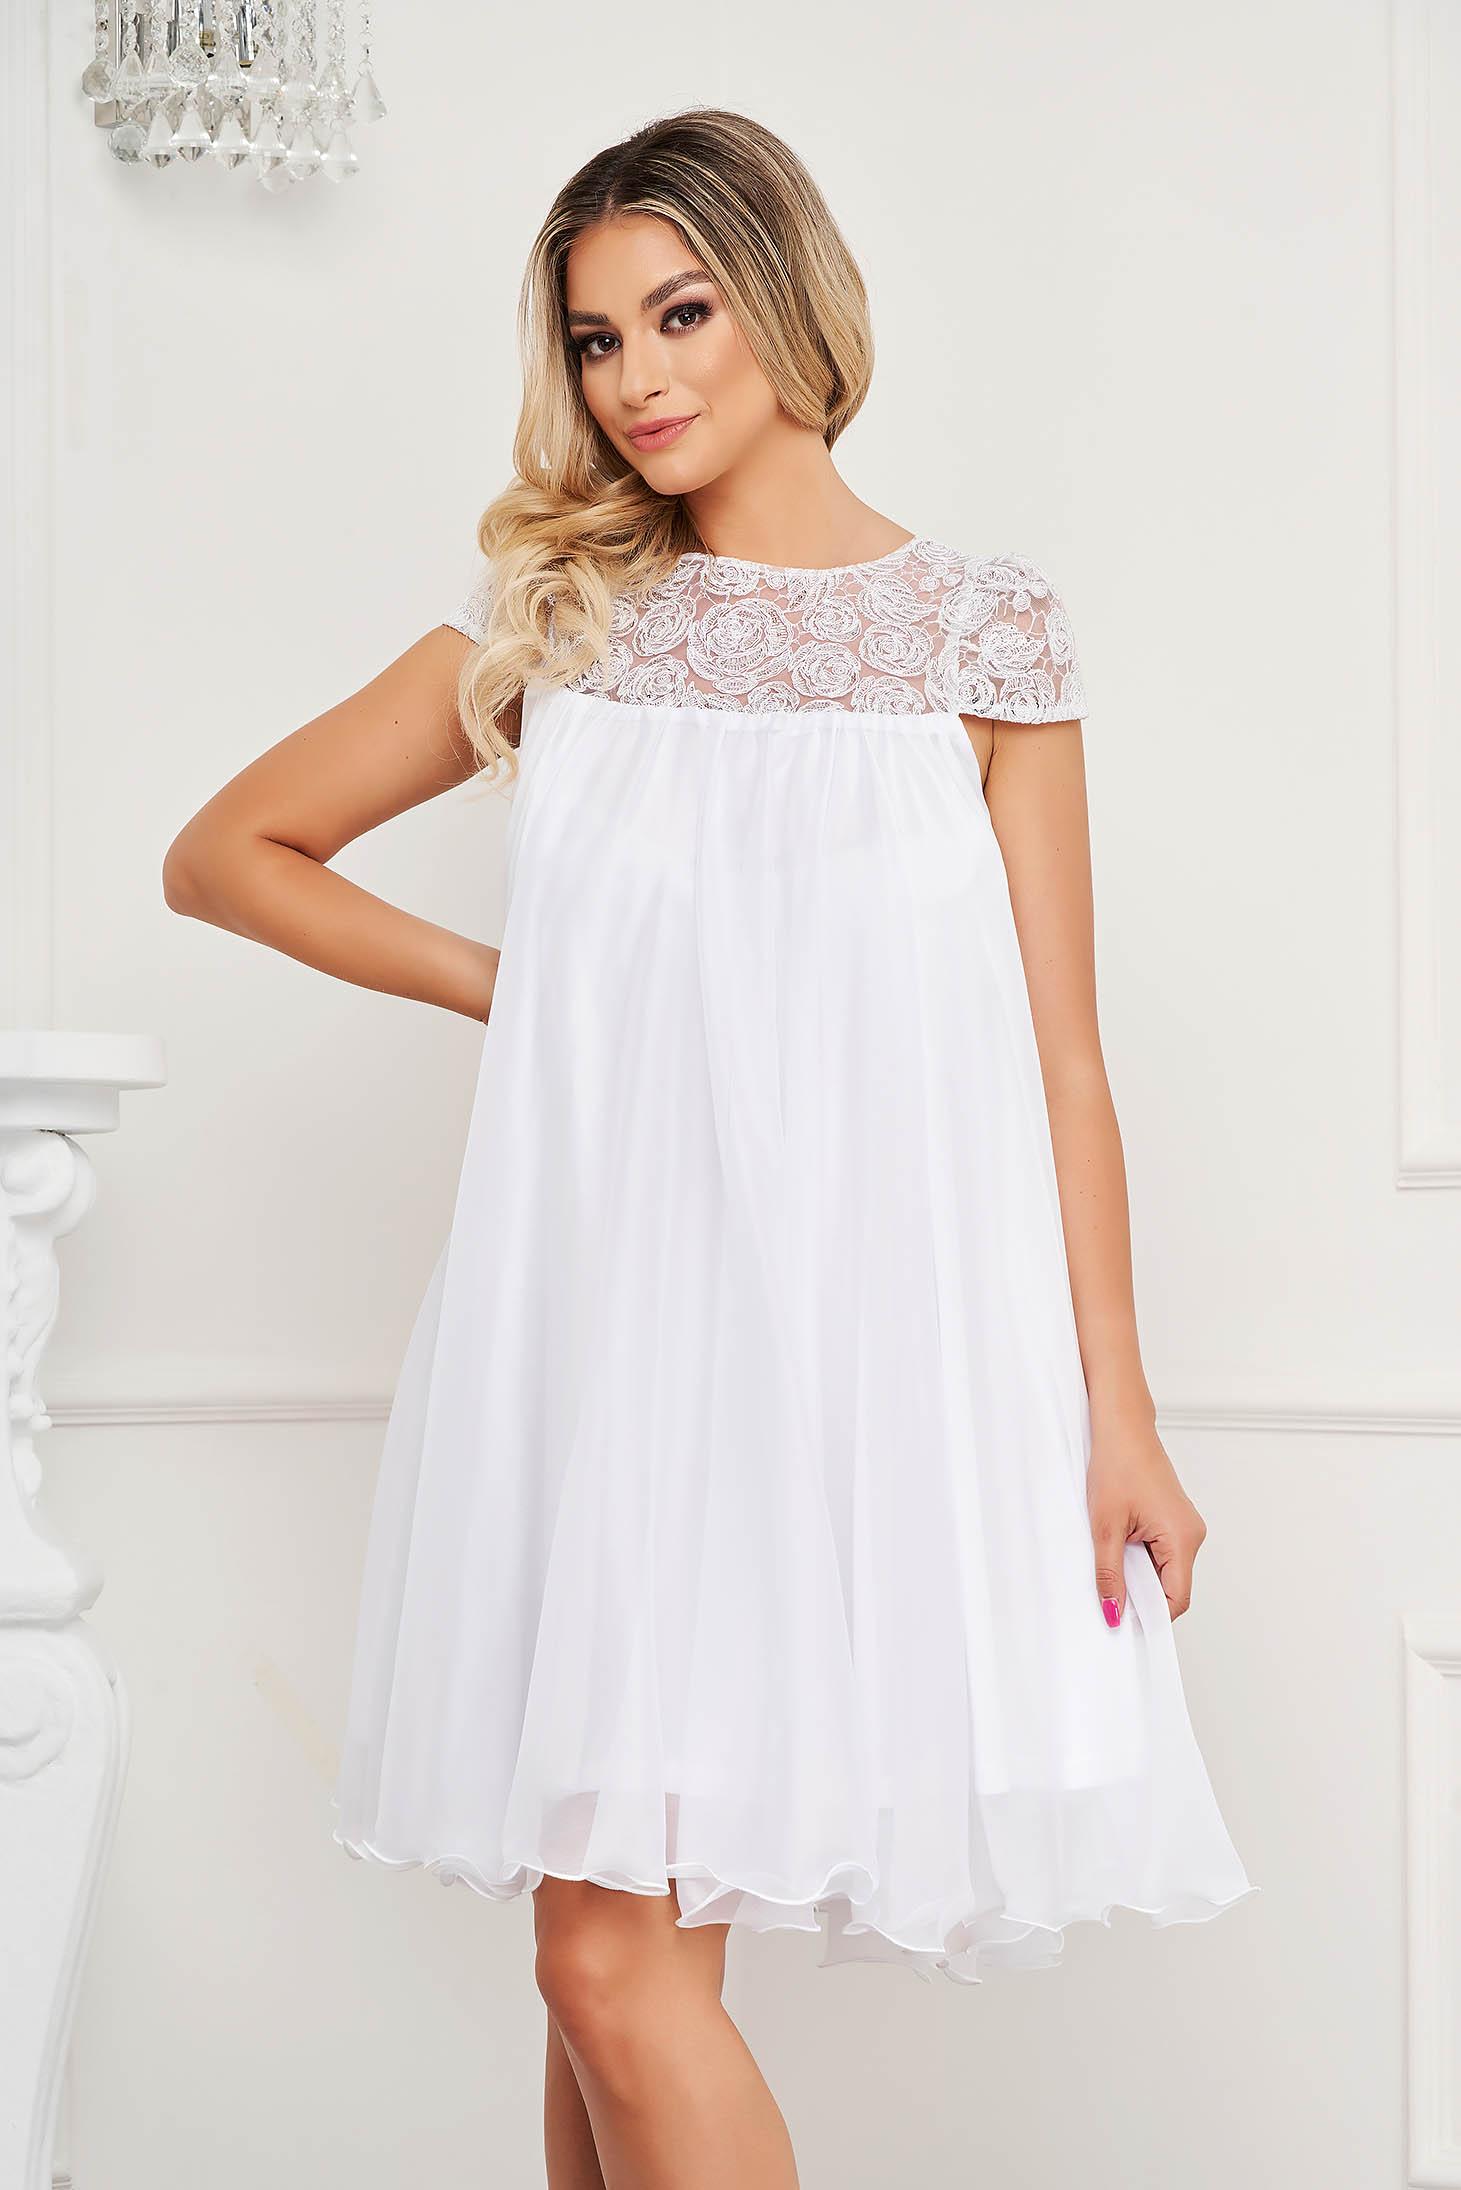 Alkalmi bő szabású fehér muszlin ruha csipke díszítéssel strassz köves díszítés